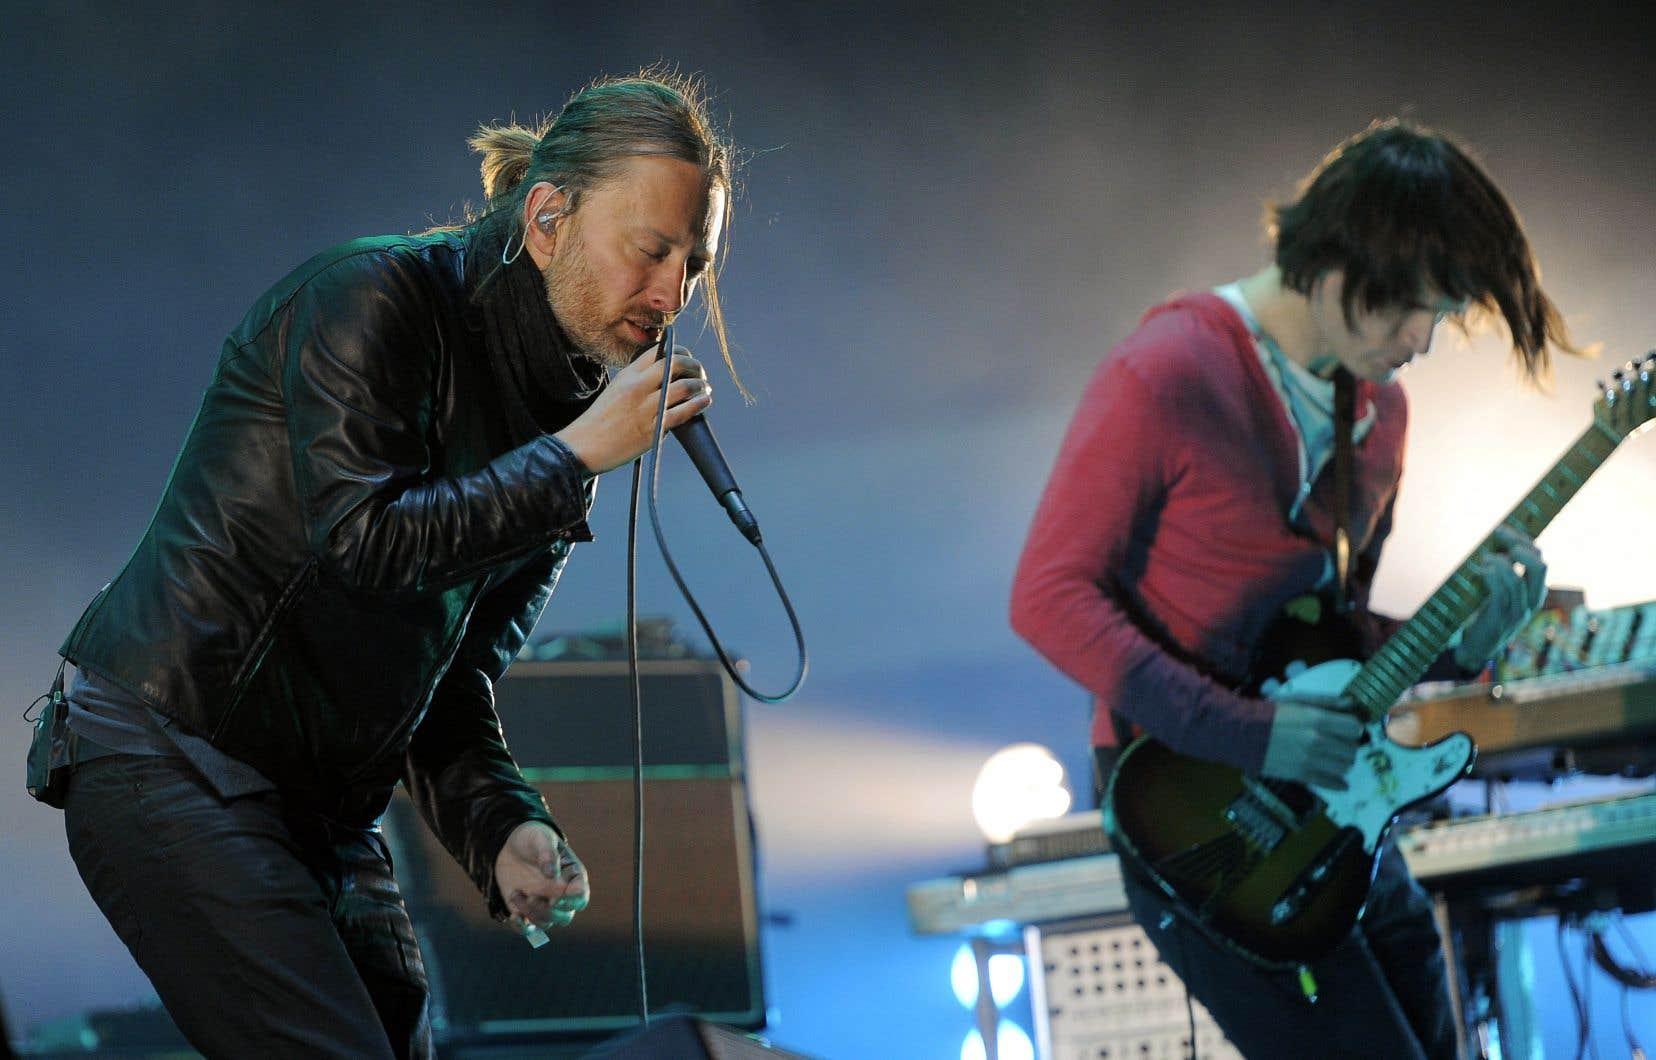 Au lieu de payer une rançon, Radiohead adécidé de rendre la musique disponible au profit du groupe environnementaliste Extinction Rebellion.